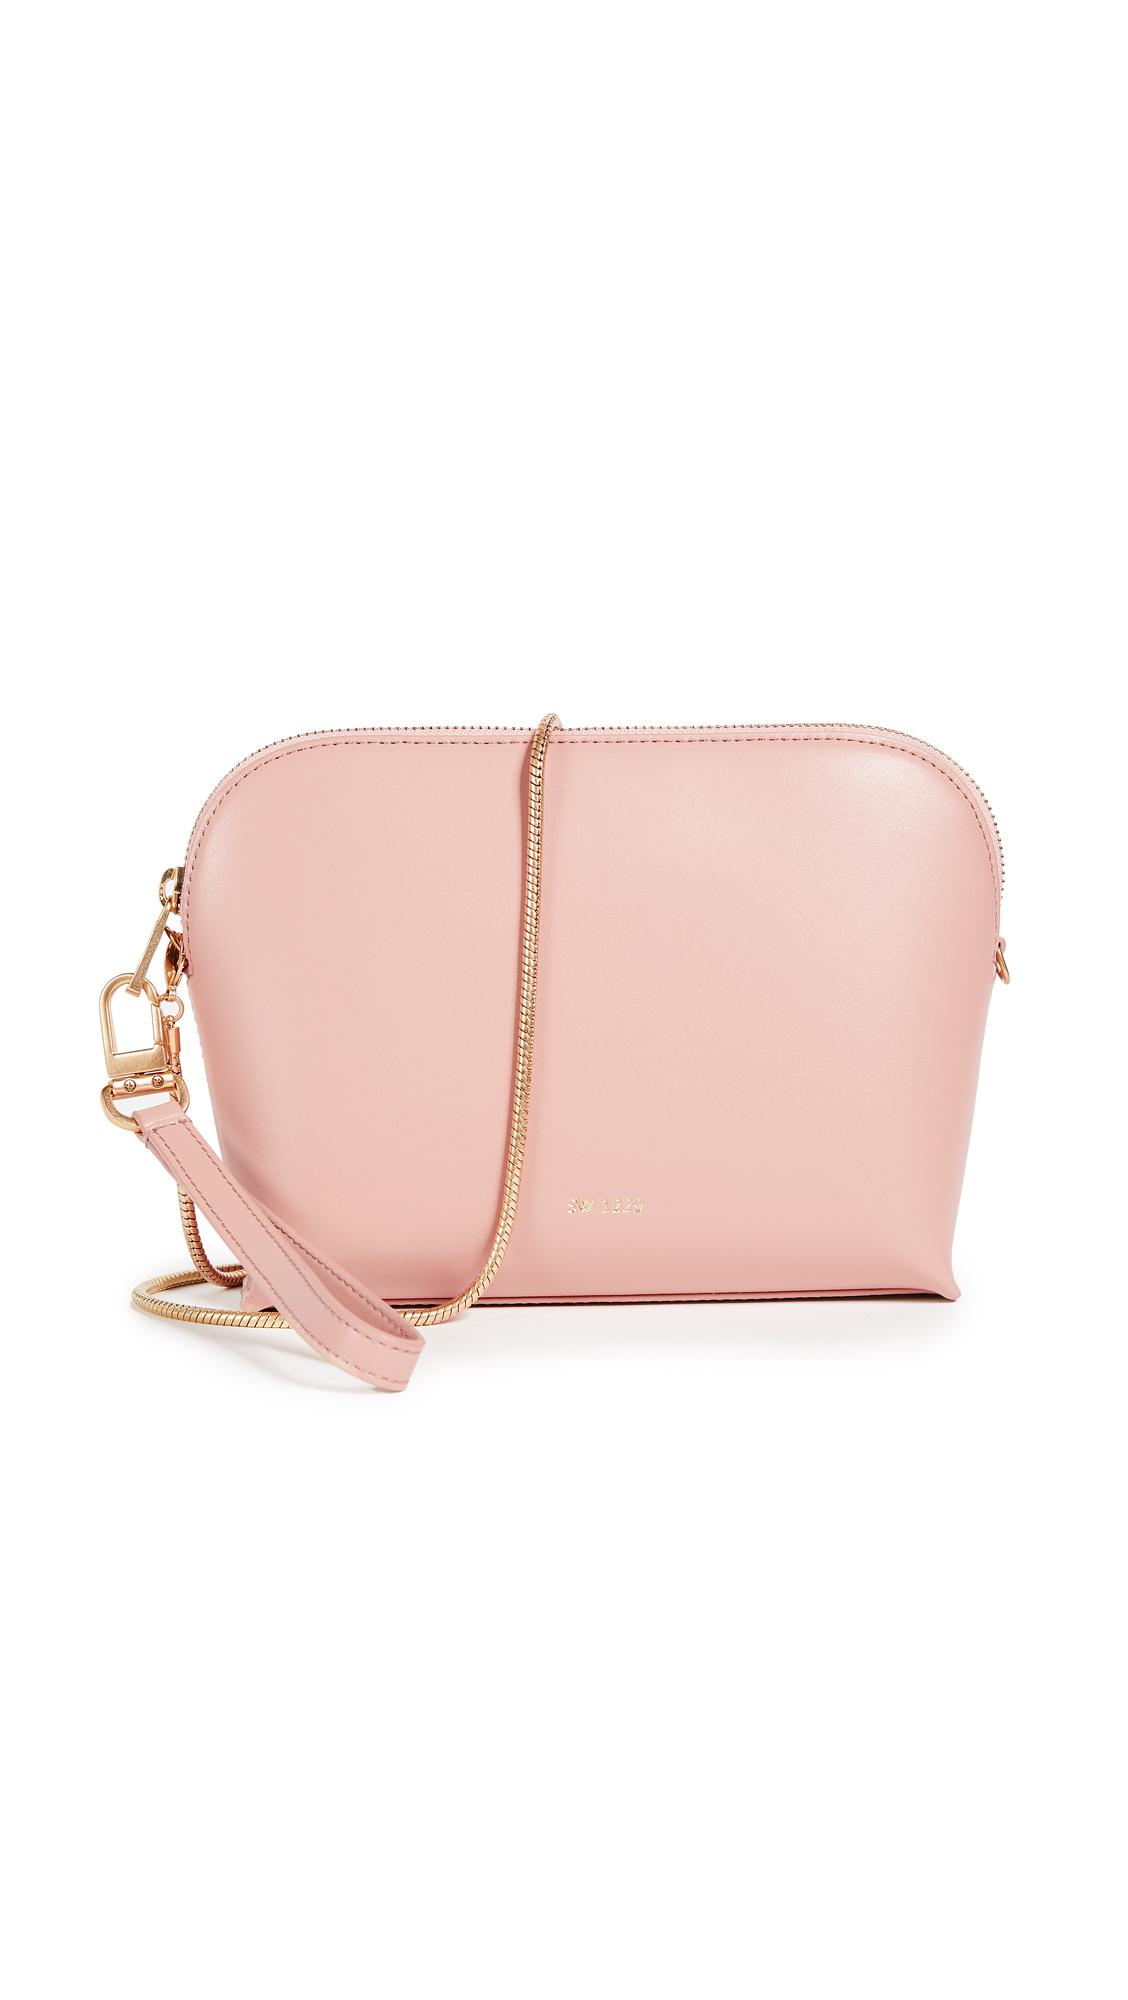 Sarah White Convertible Top Zip Shoulder Bag - Dusty Rose